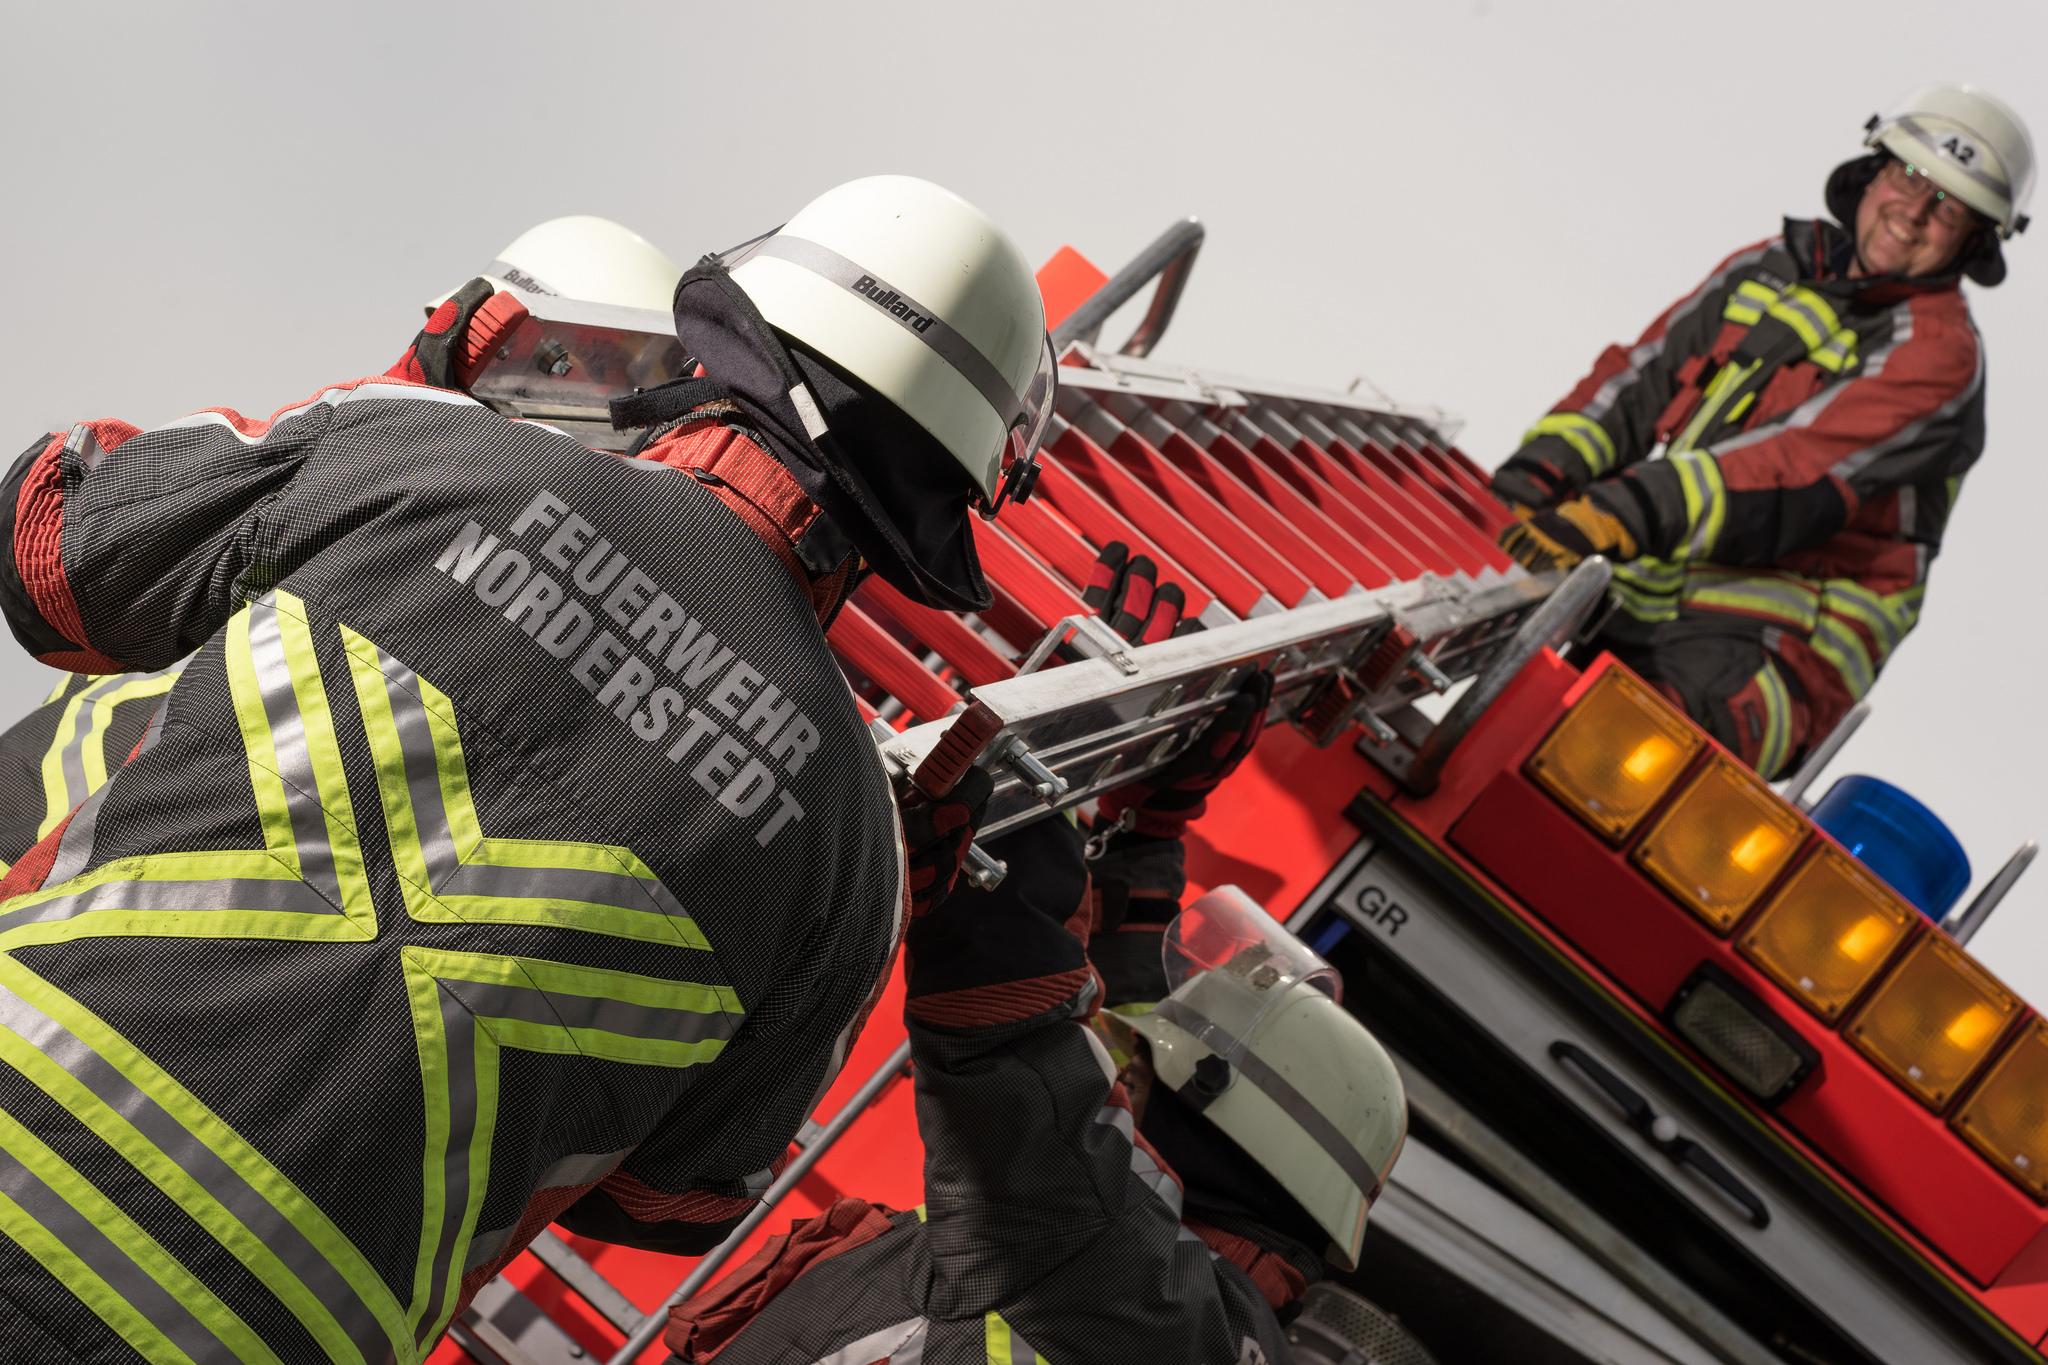 10 Einsatz einer tragbaren Leiter durch die Feuerwehr Norderstedt